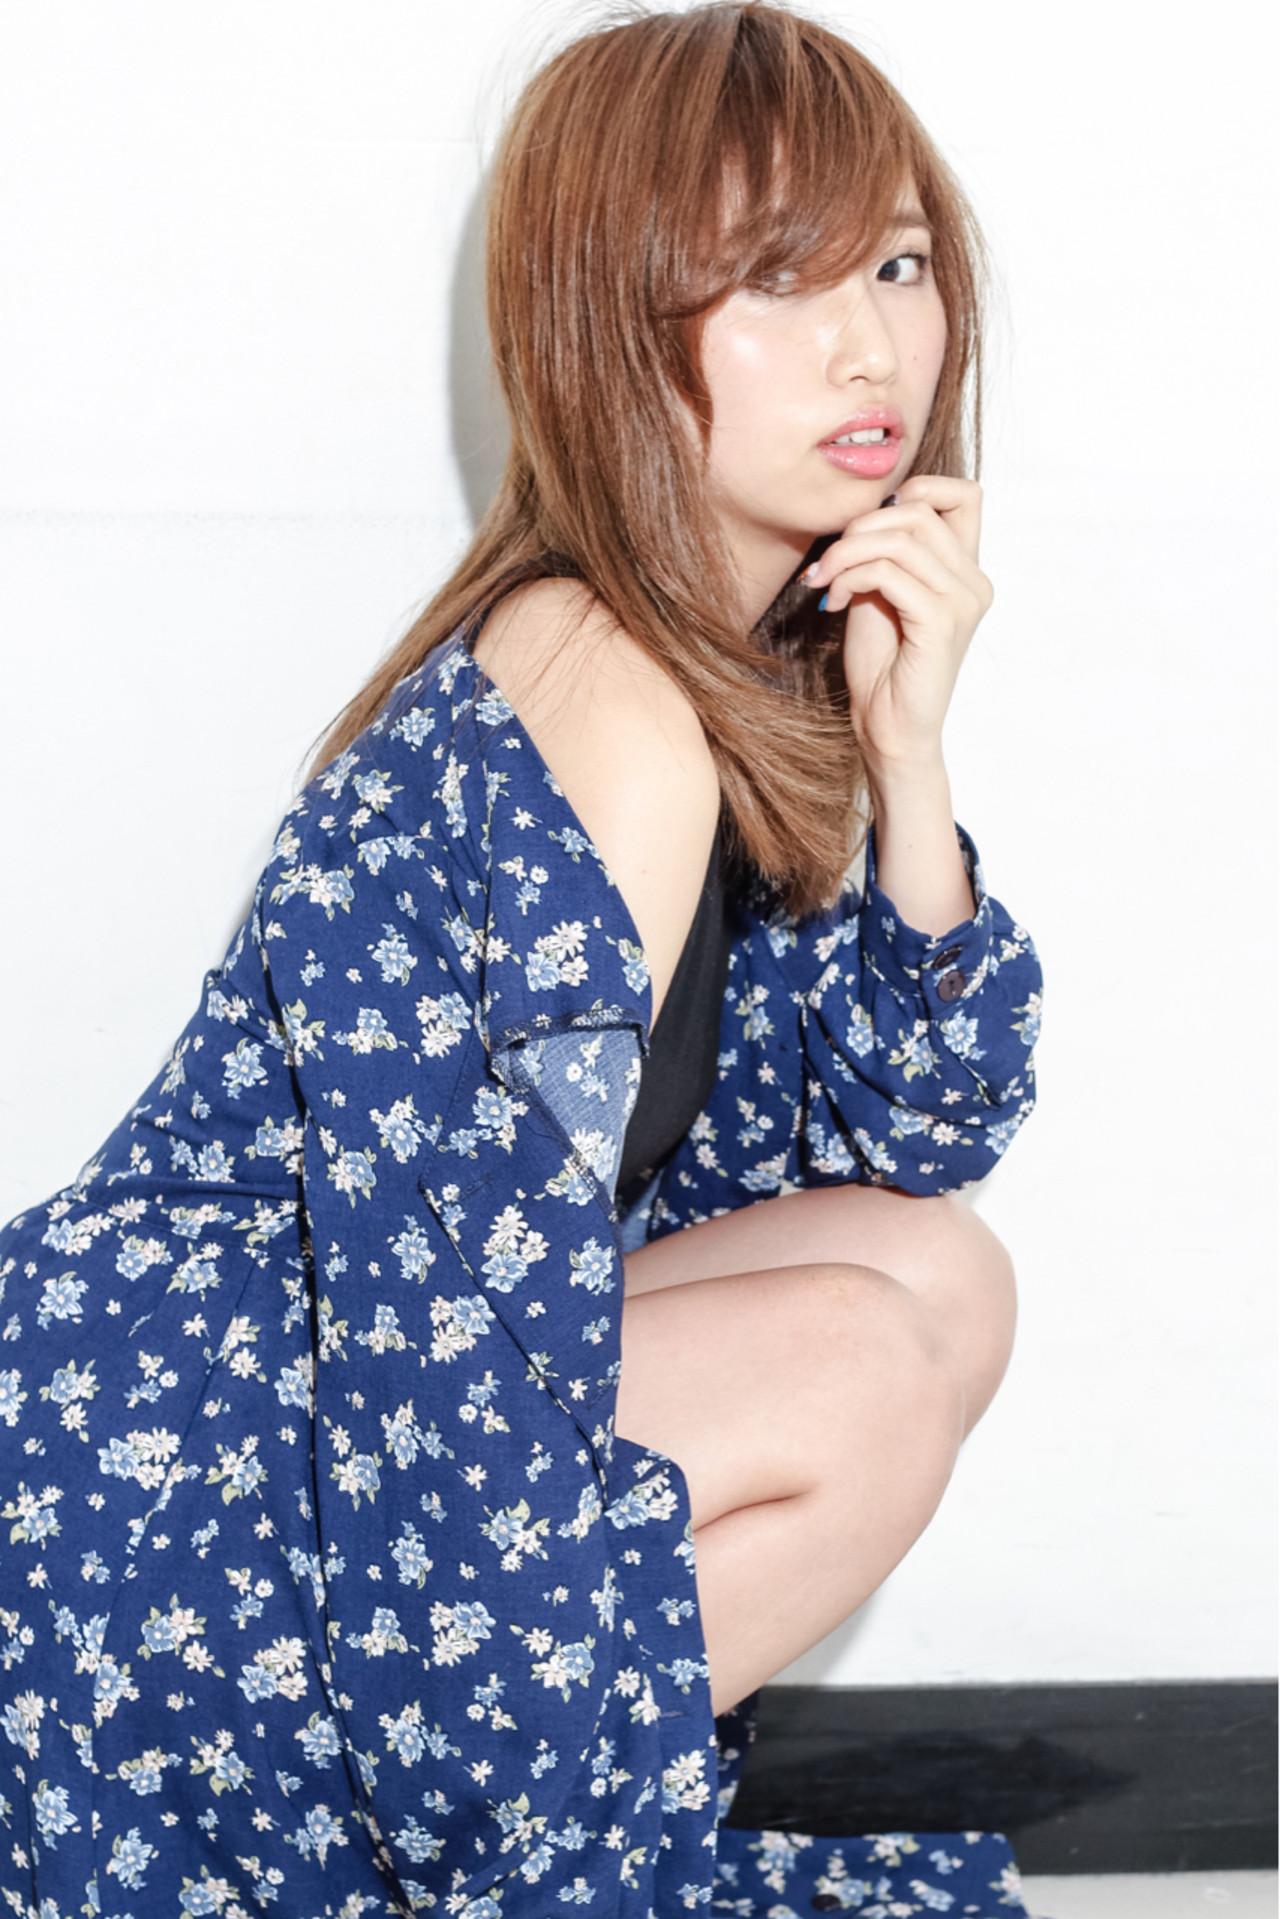 ストレート セミロング 大人女子 小顔 ヘアスタイルや髪型の写真・画像 | 神 雄介 / ZEST立川南口店